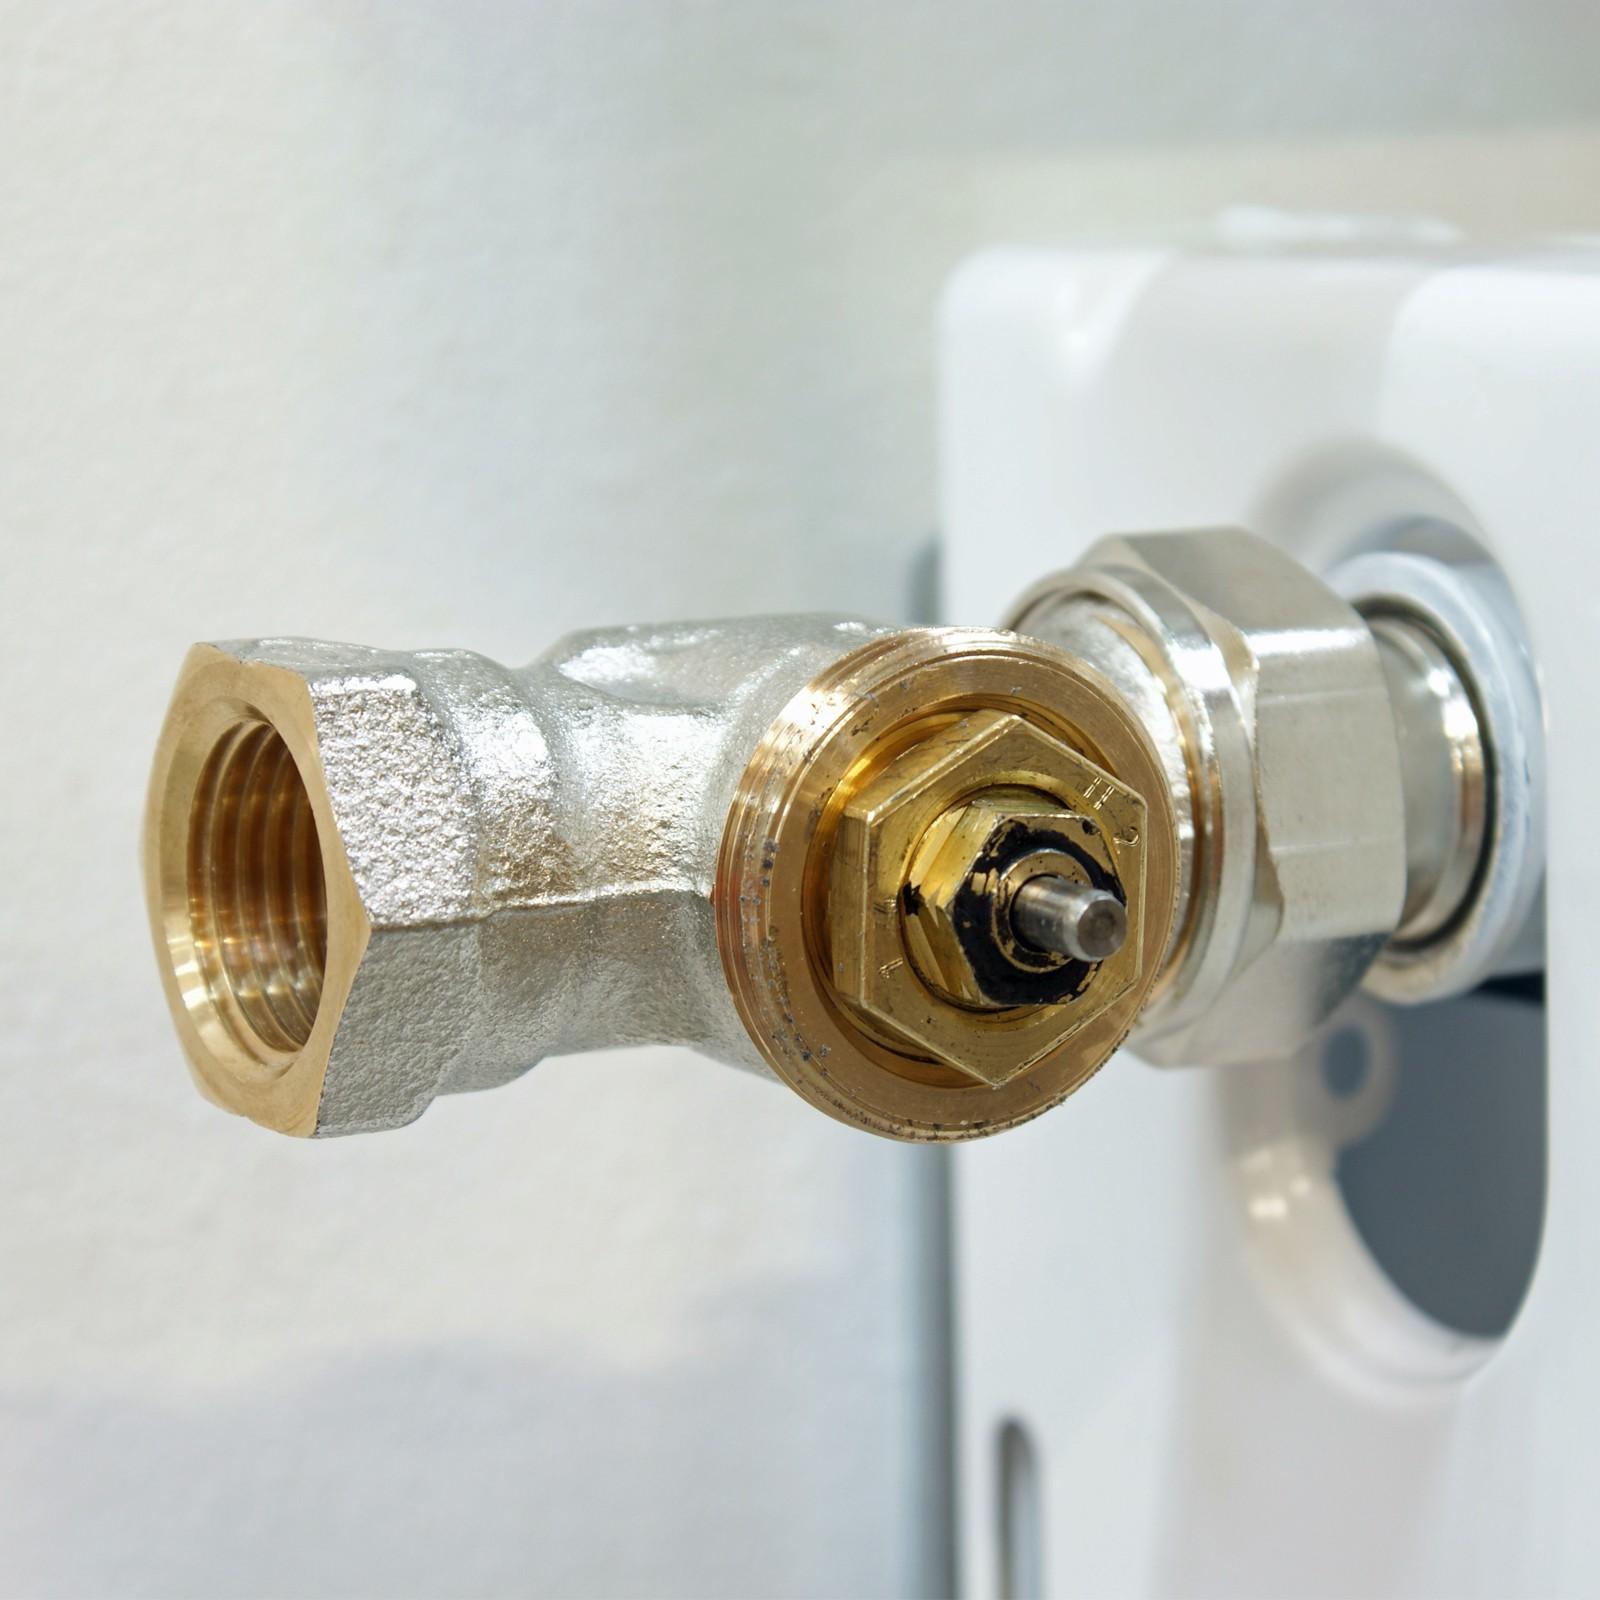 heimeier thermostatventil thermostat ventilunterteil 1 2 dg heizk rperventil ebay. Black Bedroom Furniture Sets. Home Design Ideas